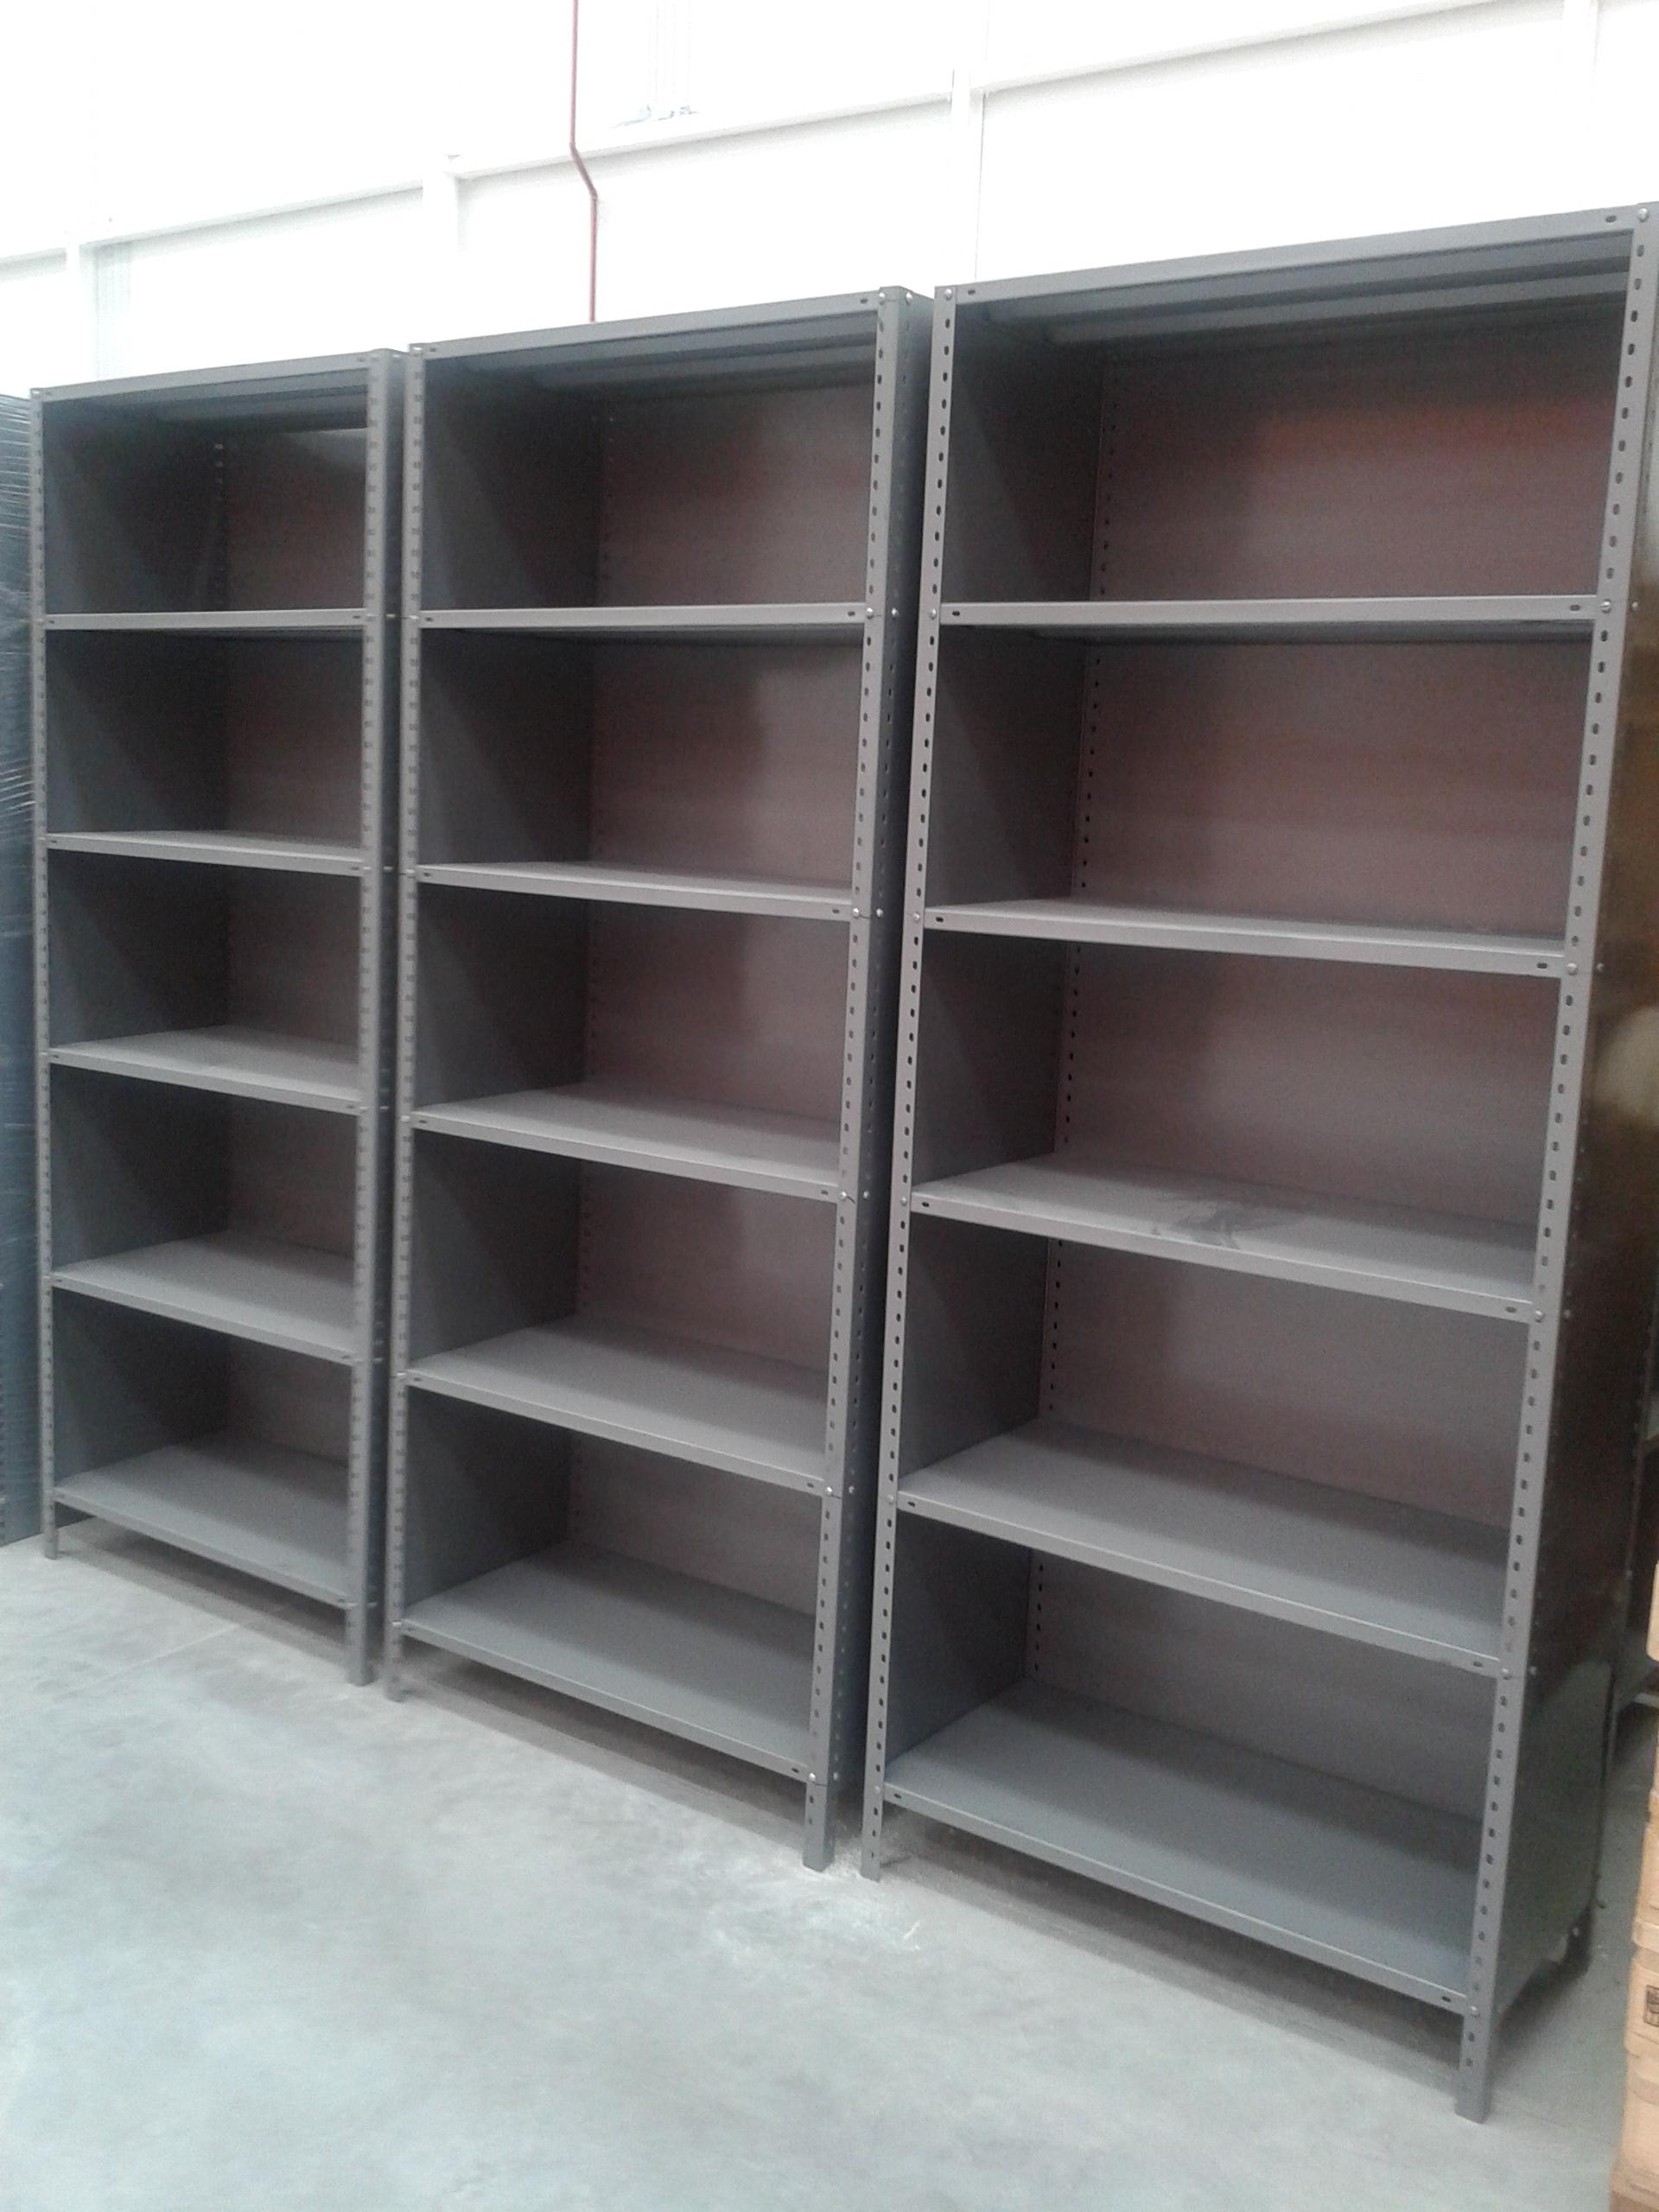 Estantes metalicos estantes y racks hch industrial for Estantes para oficina precios